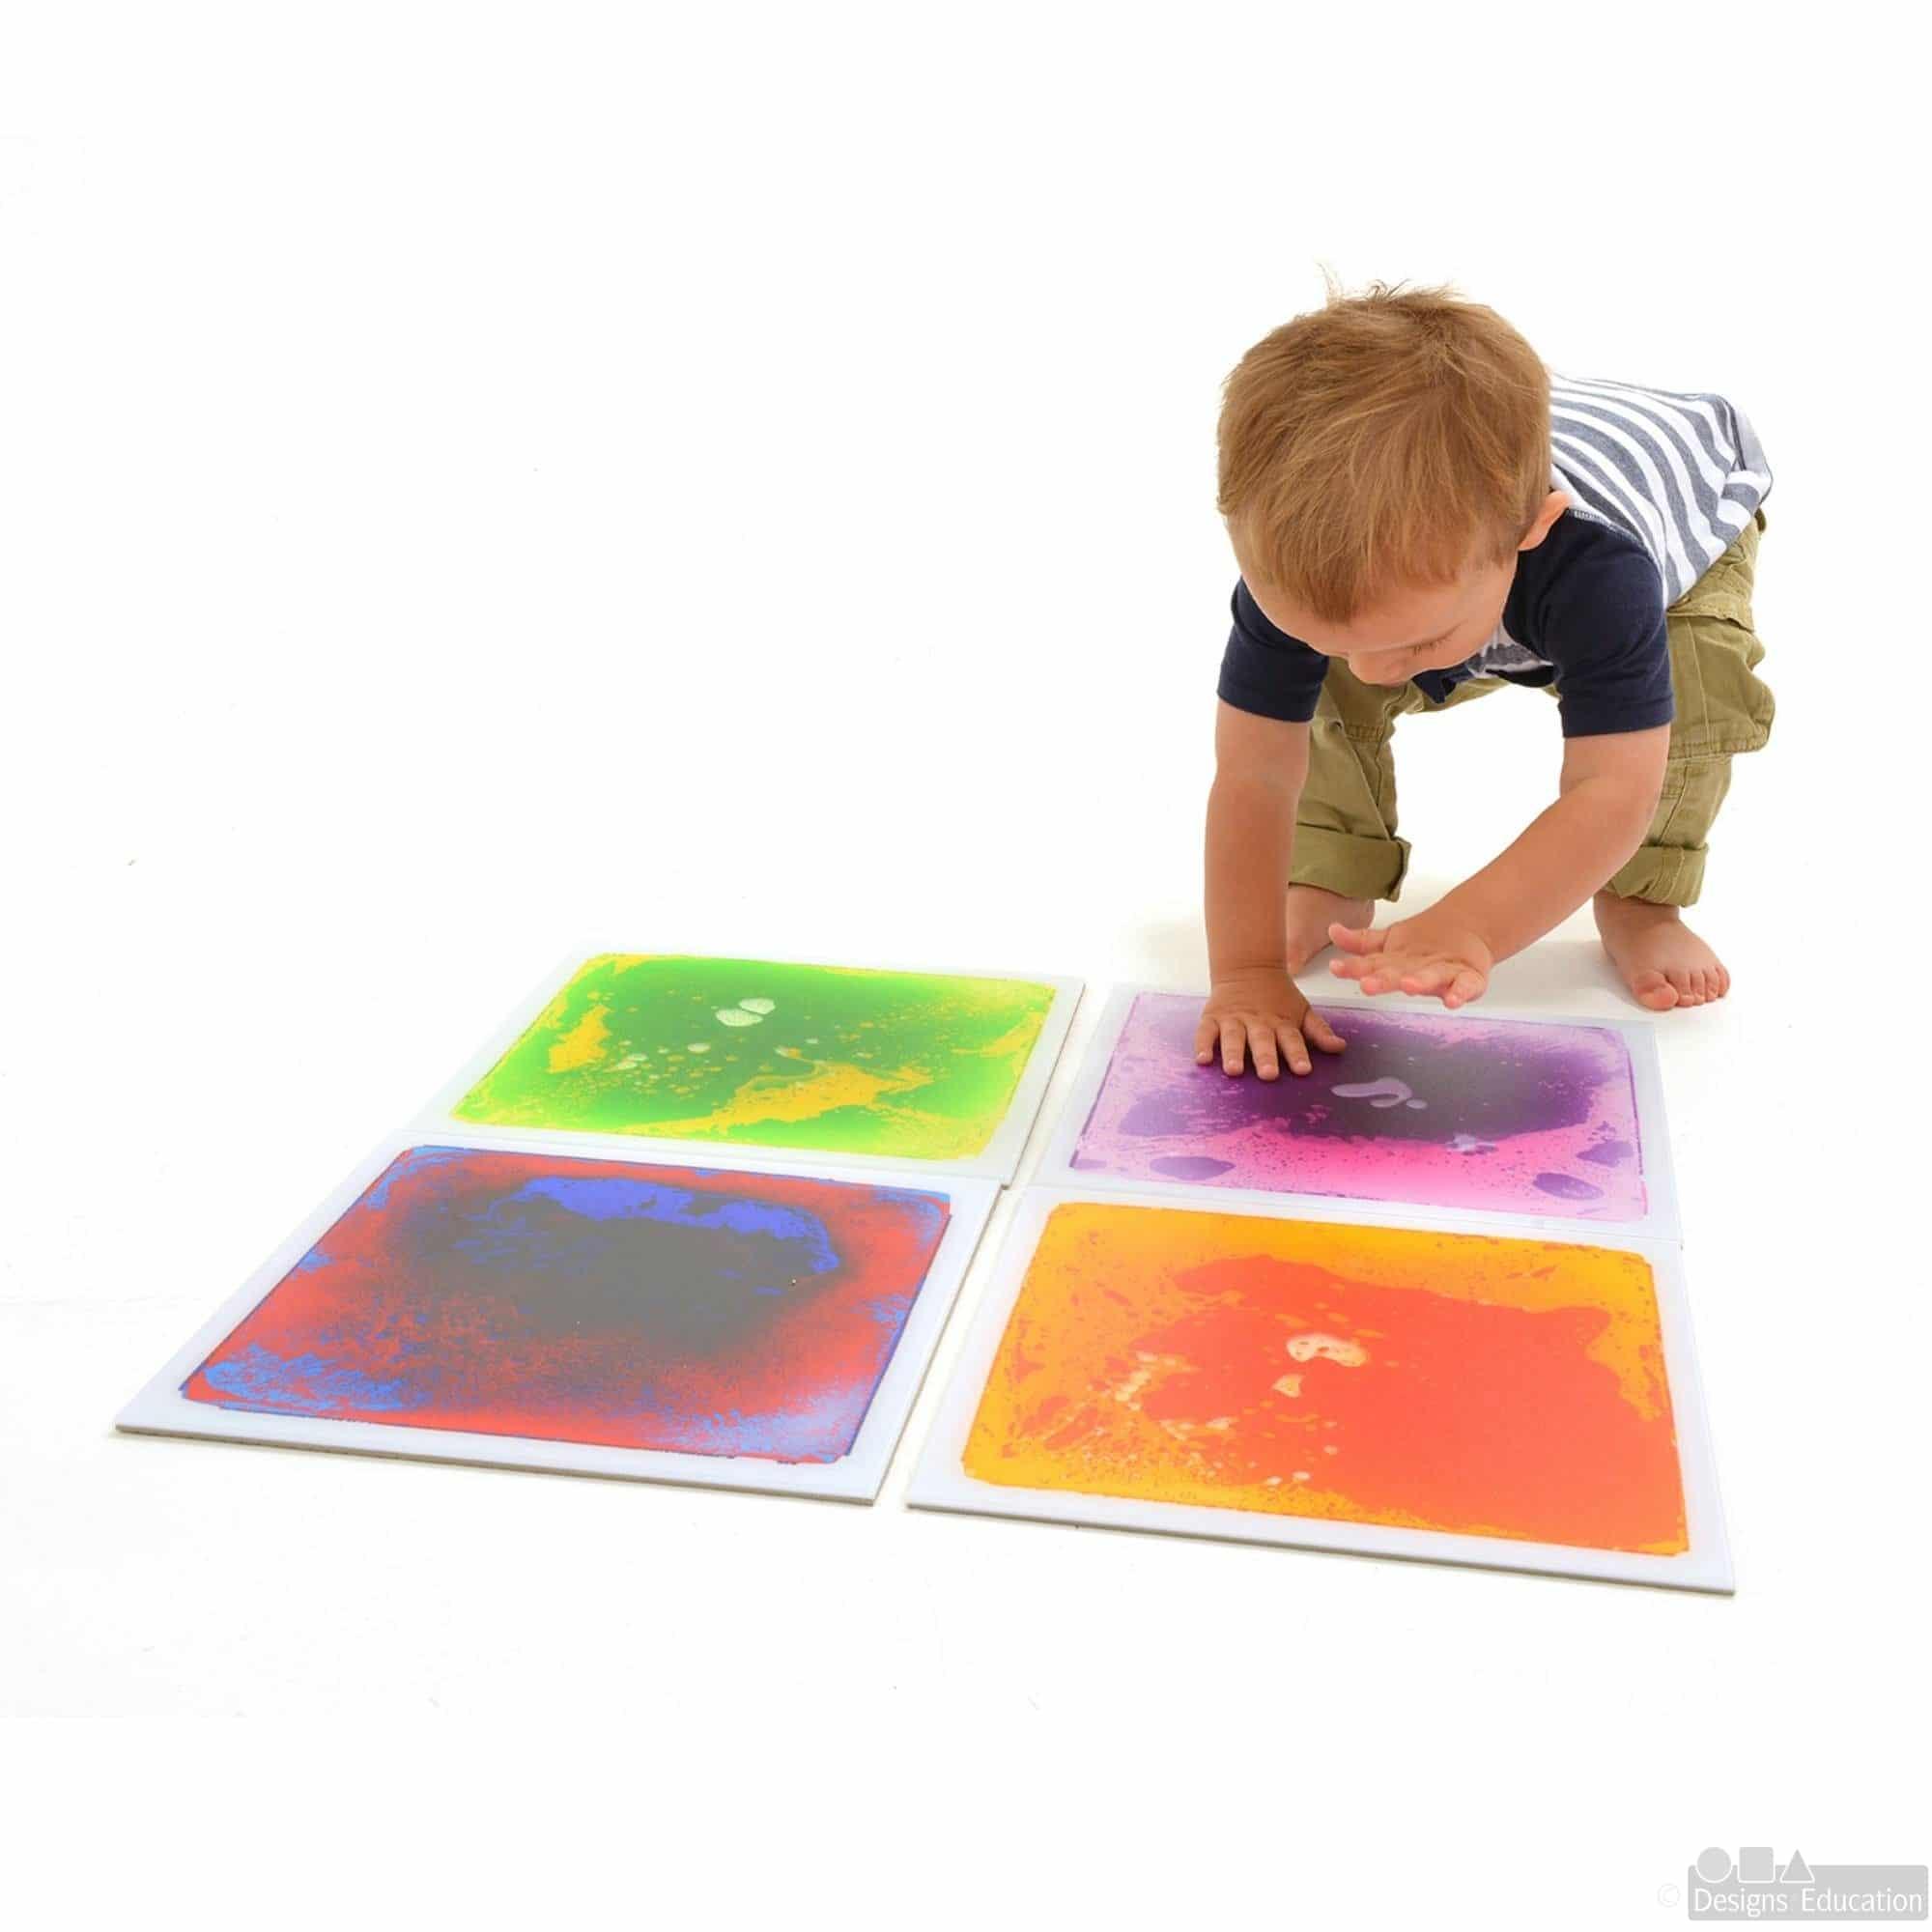 Sensory Floor Tiles Designs For Education